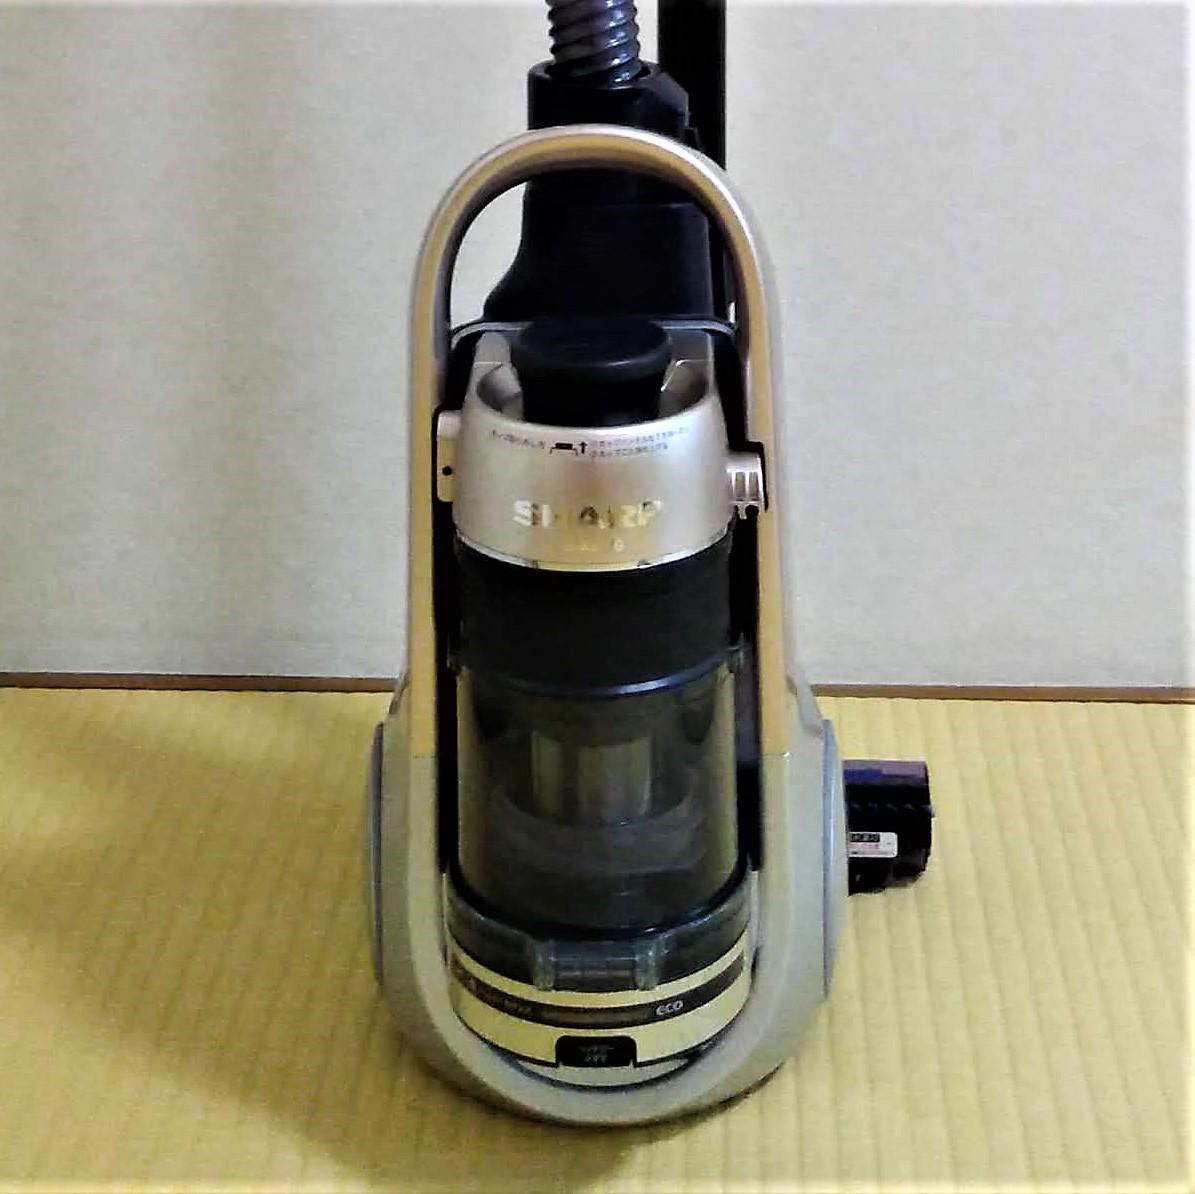 掃除機ec-as710